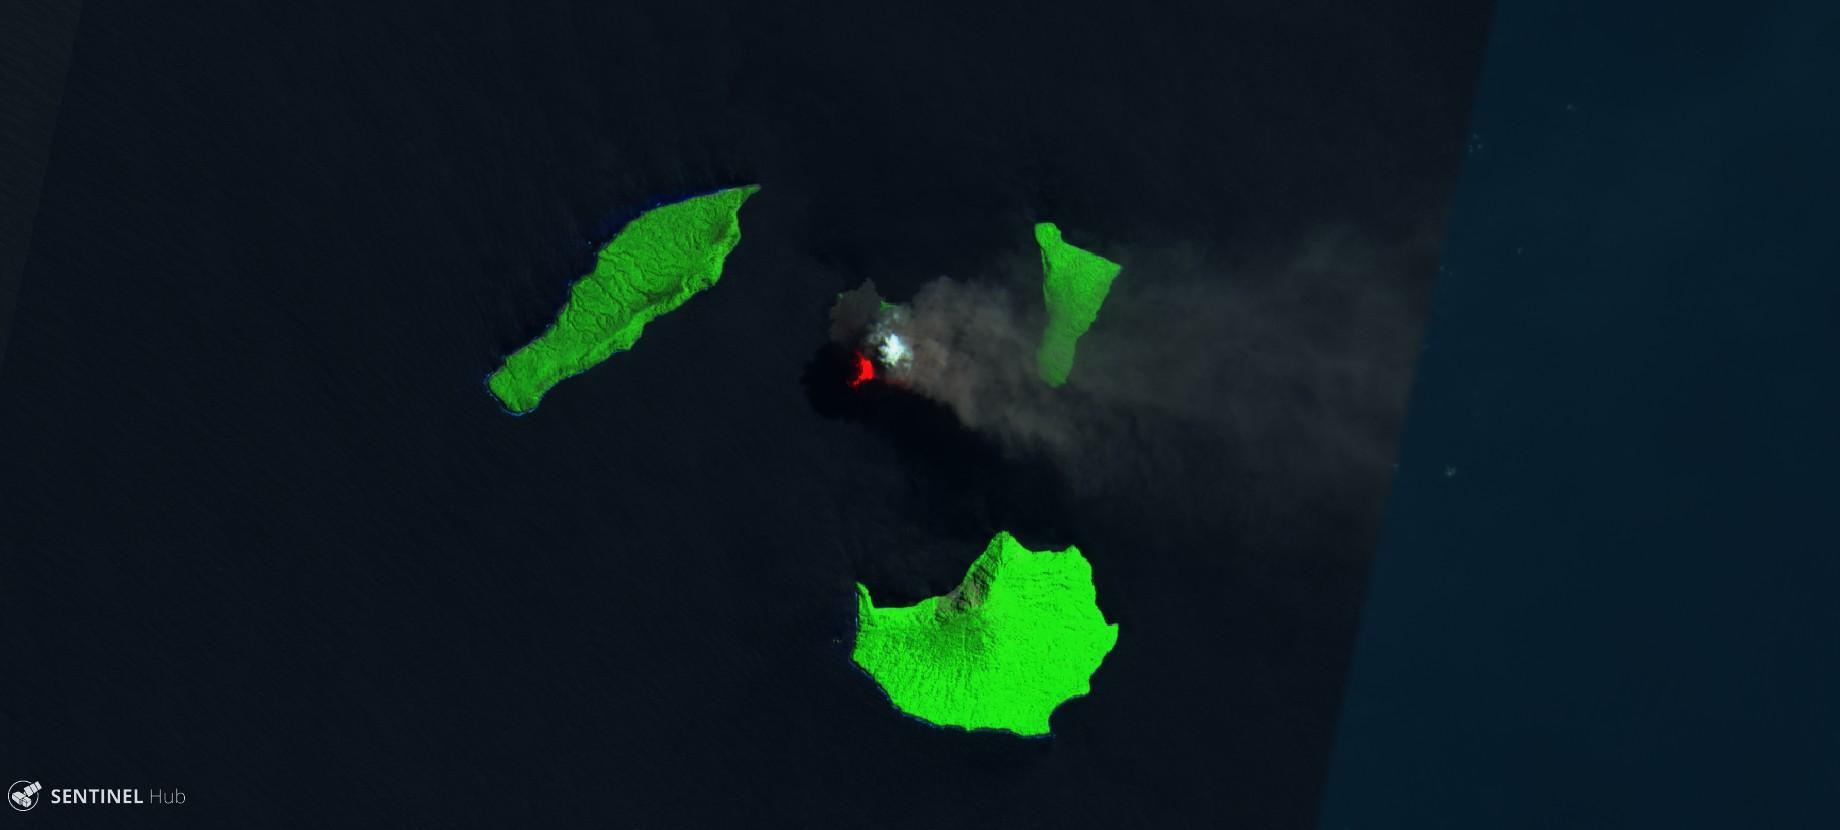 Krakatau Krakatoa Sentinel image august 2018 Indonesia volcano